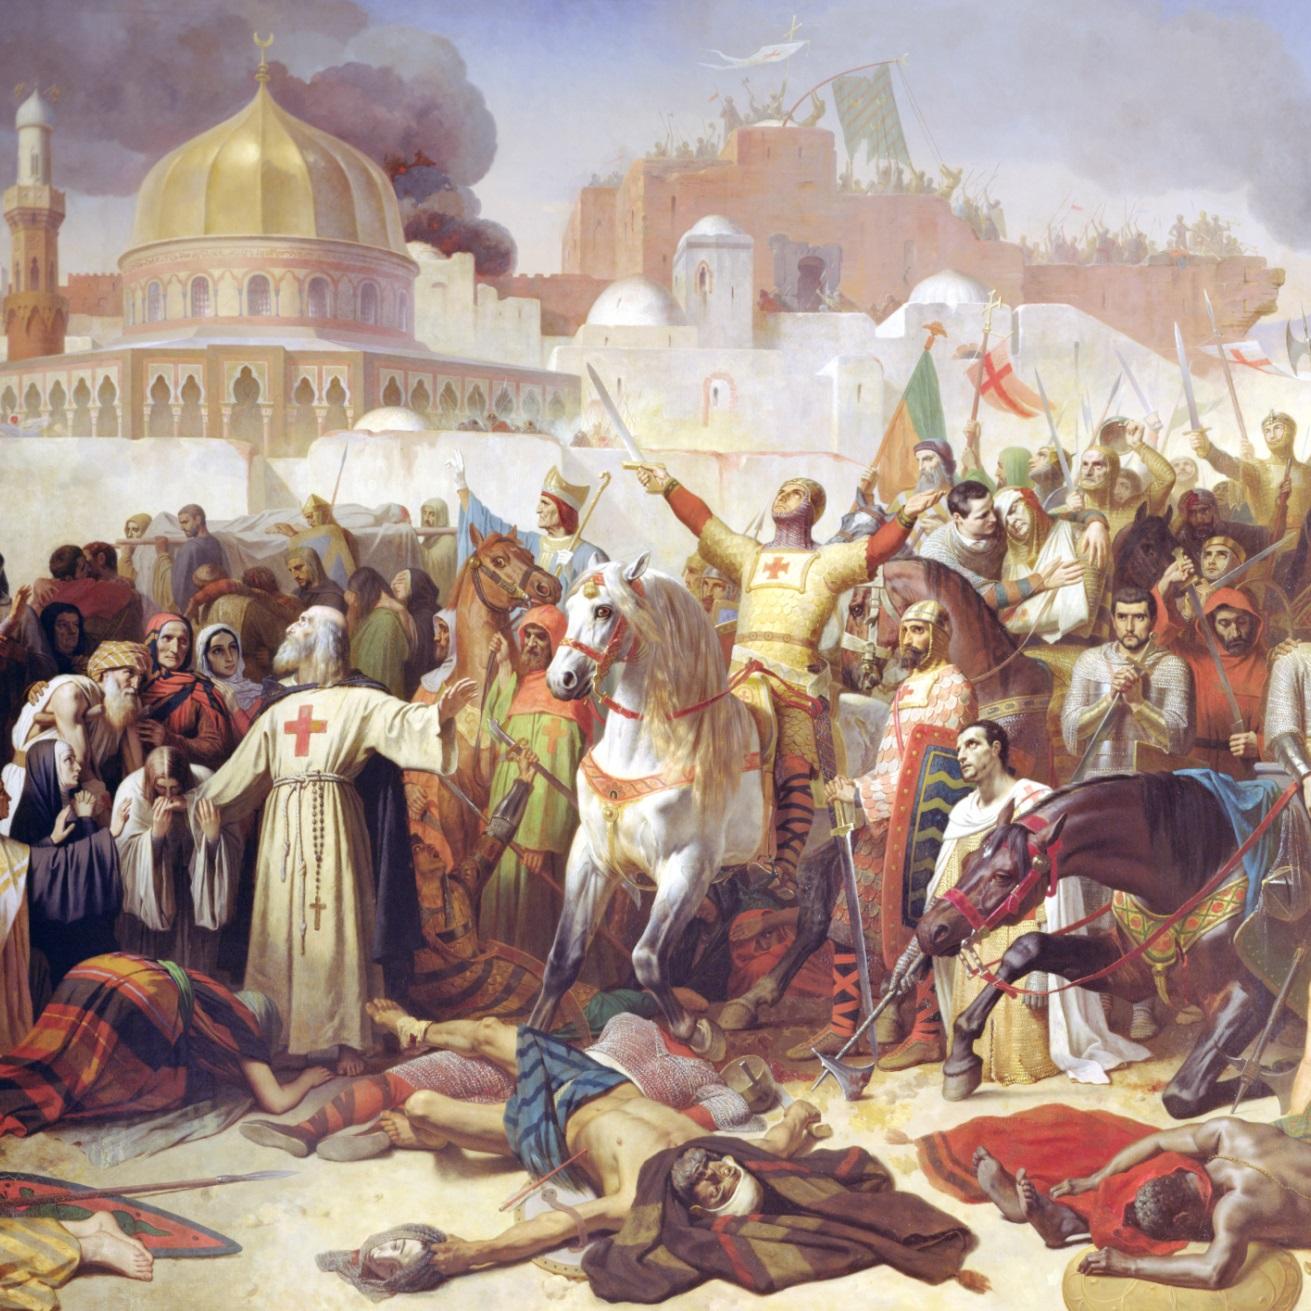 Oblężenie Jerozolimy trwało od 7 czerwca do 15 lipca 1099 roku.